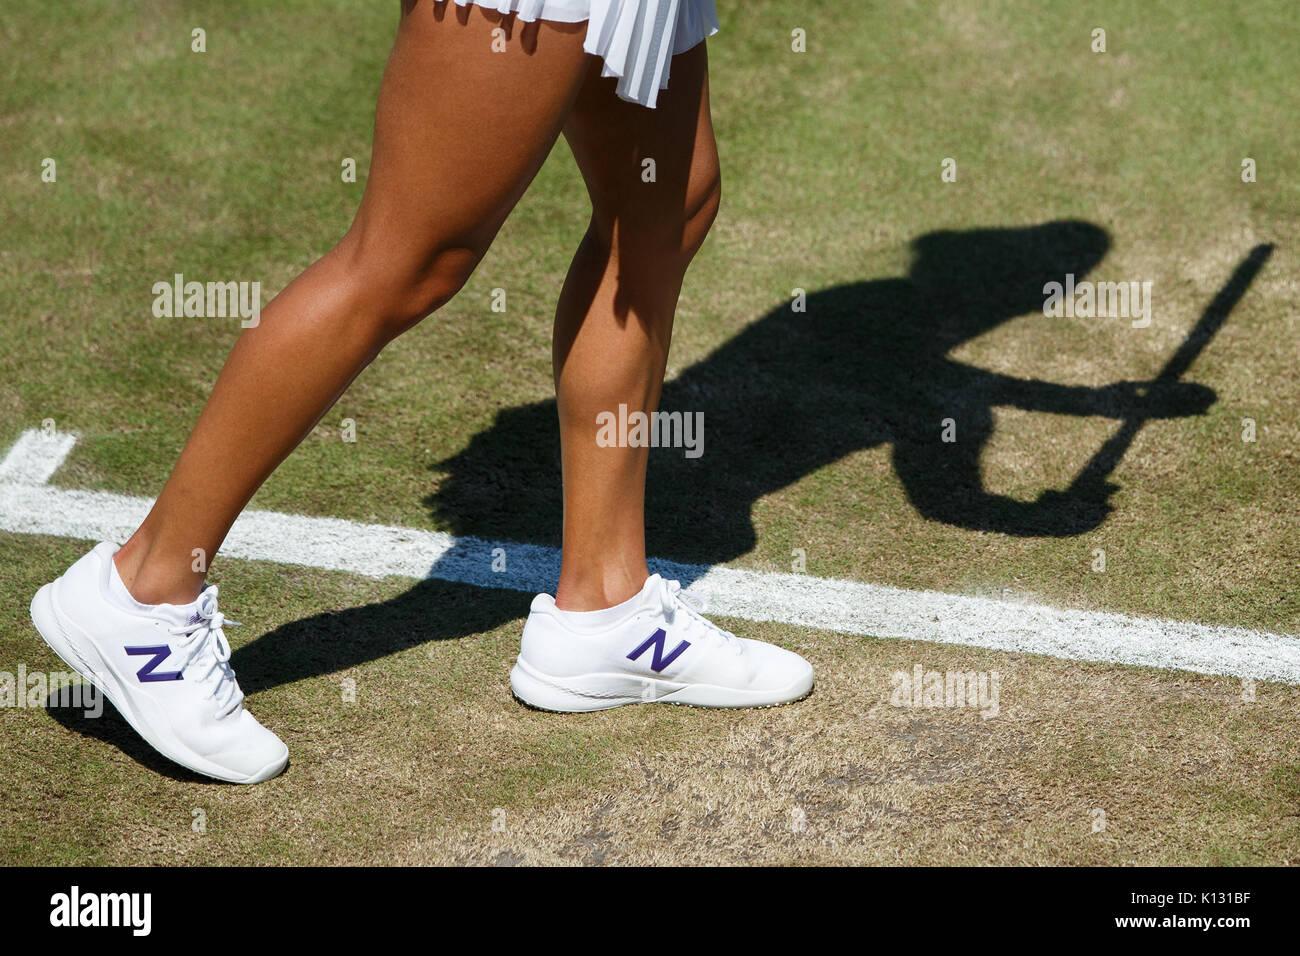 Tenis genérico sombra de Heather Watson en el Ladies' Singles - campeonatos de Wimbledon 2017 Imagen De Stock